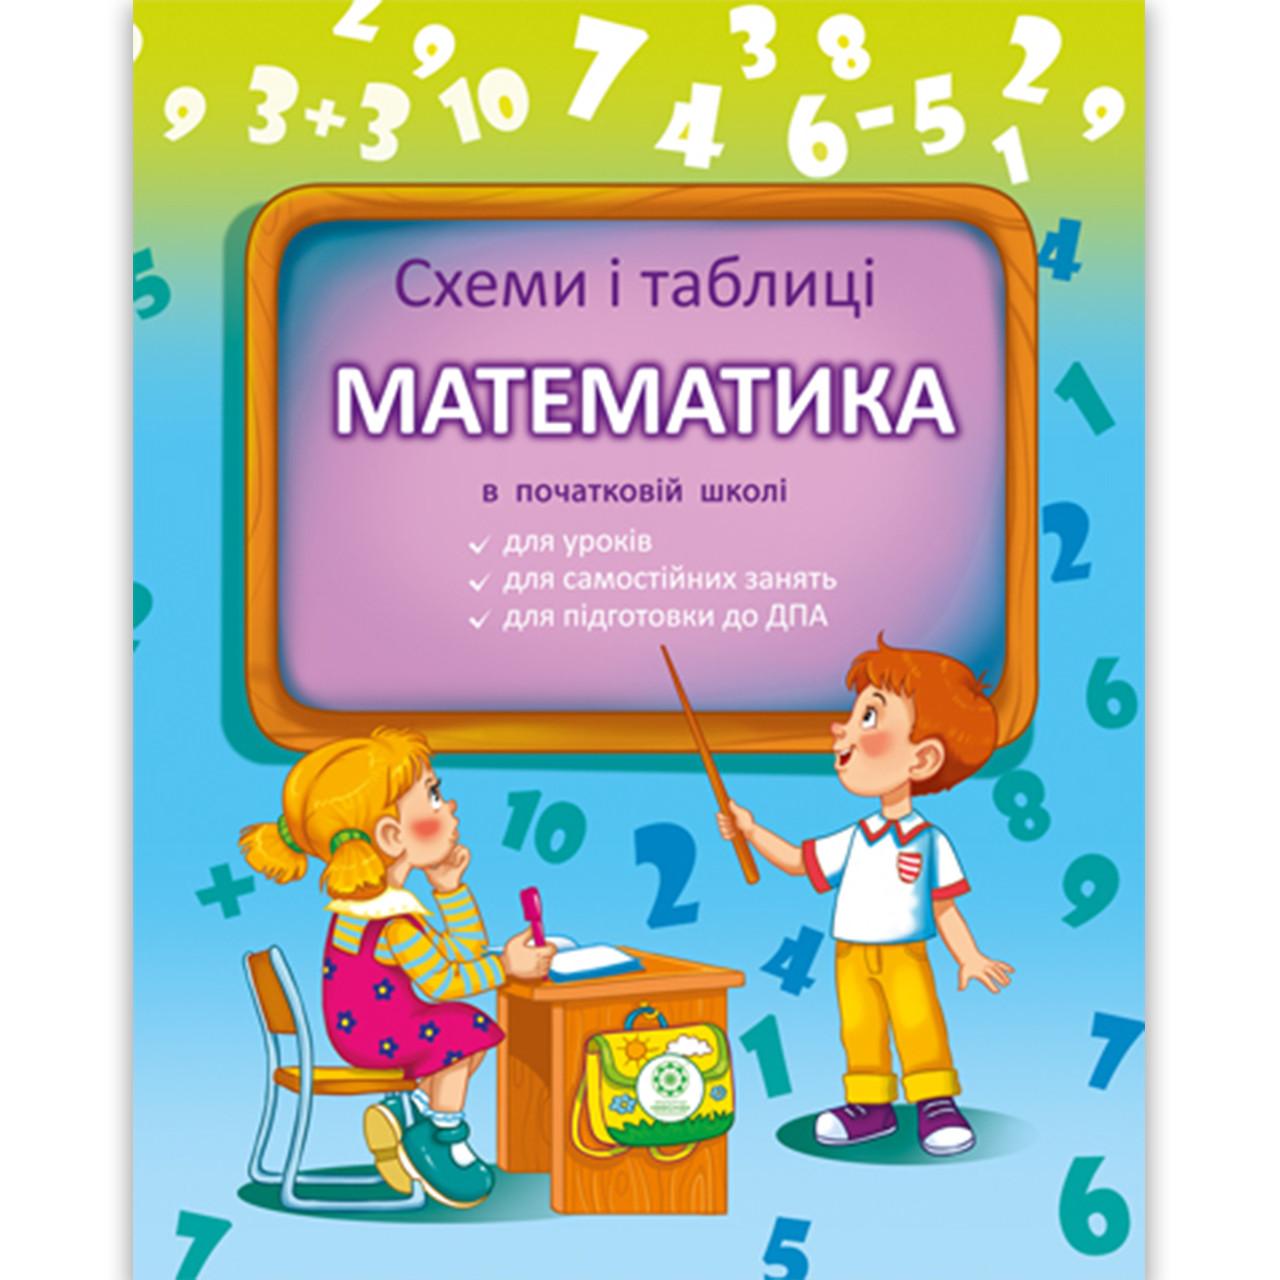 Схеми і таблиці Математика в початковій школі Авт: Листопад Н. Вид: Весна